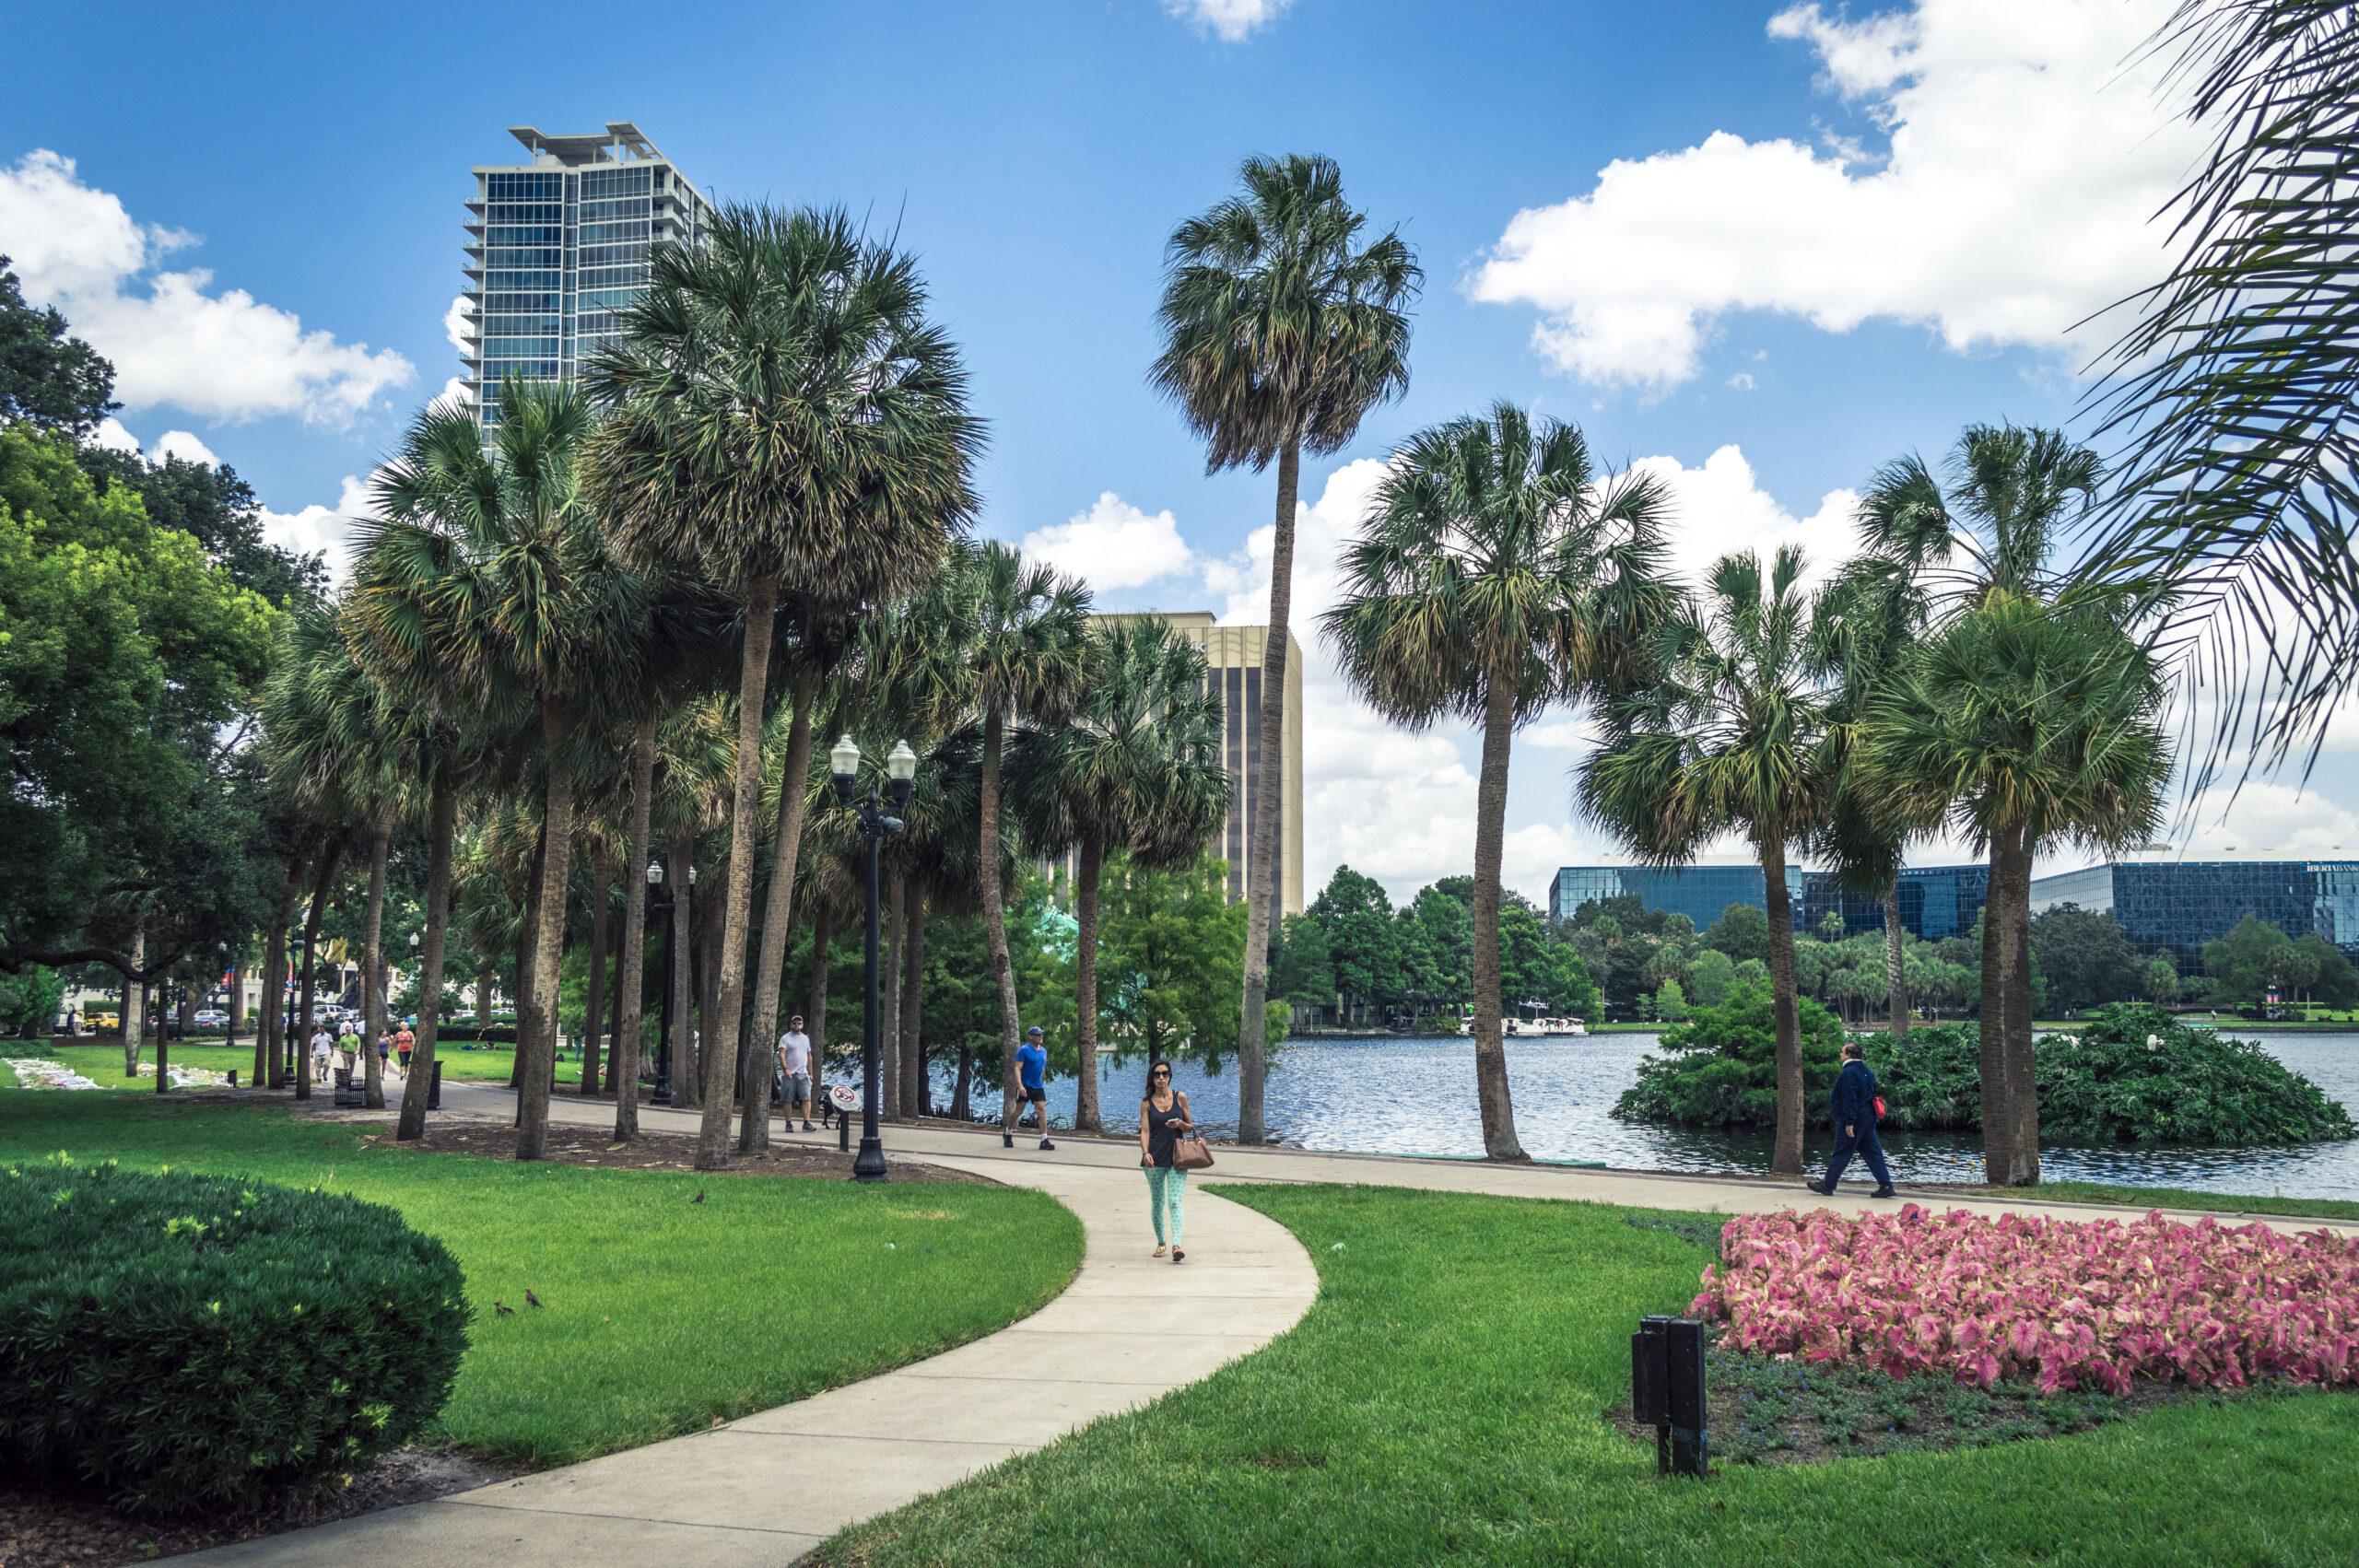 downtown orlando vacation rentals